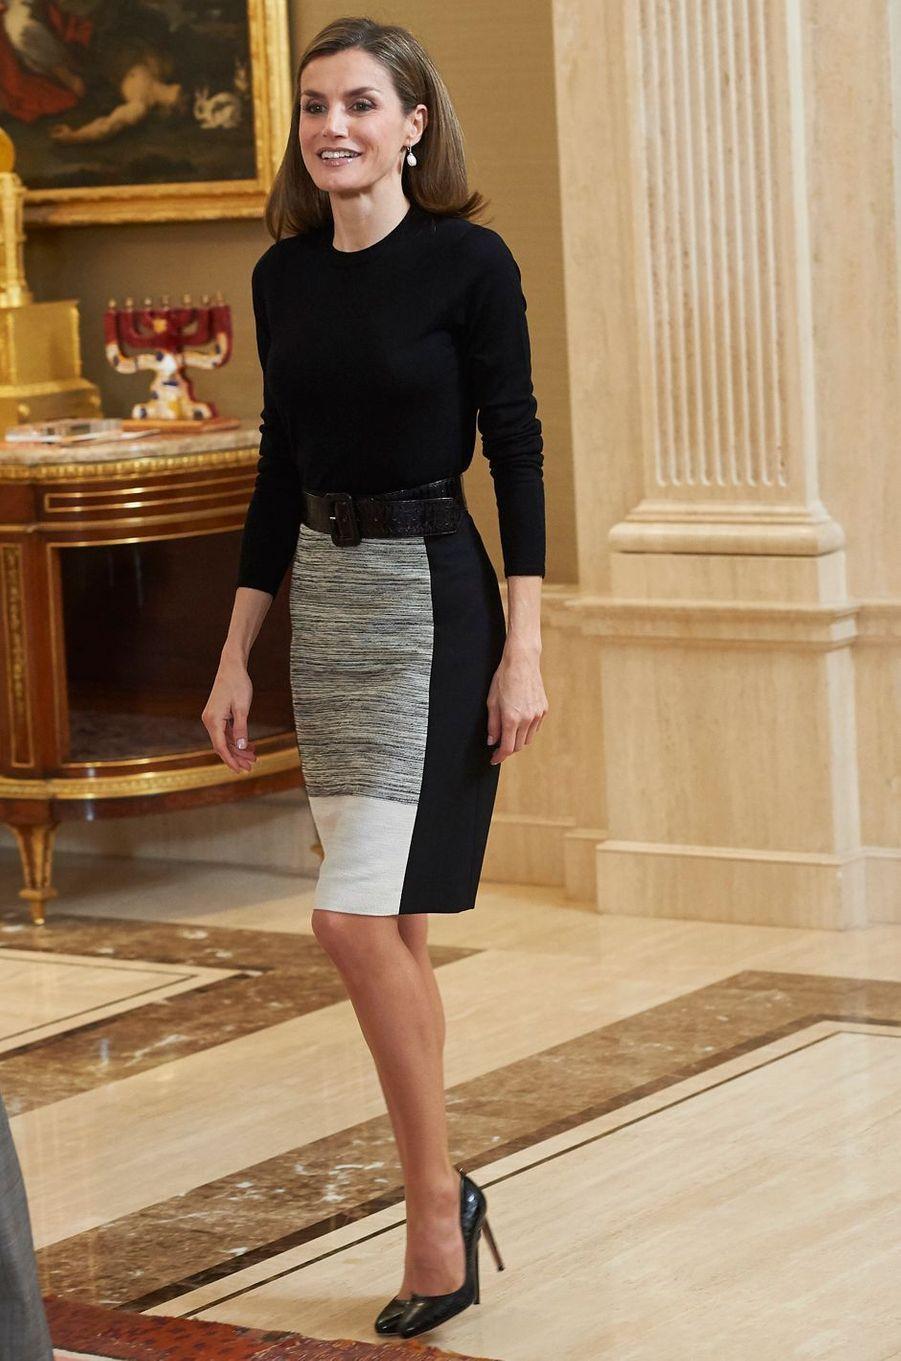 La reine Letizia d'Espagne dans une jupe Hugo Boss le 18 novembre 2016